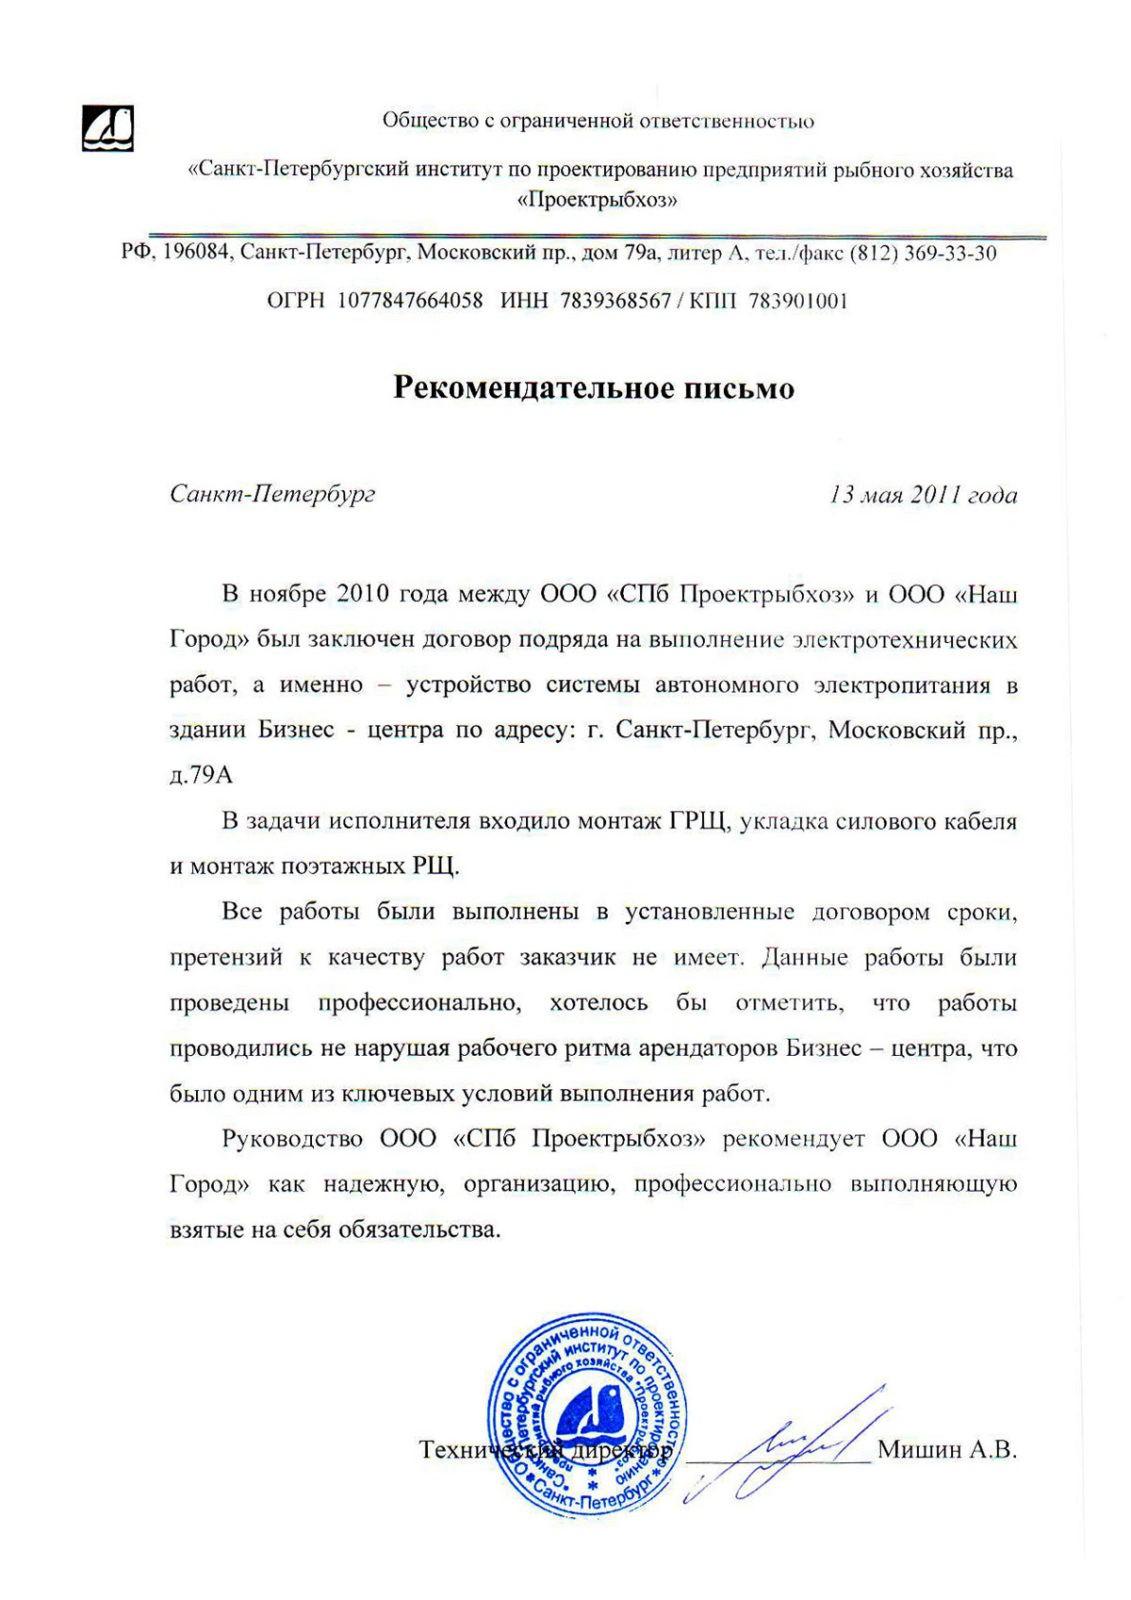 """Отзыв """"Проектрыбхоз"""" о работе ООО """"Наш город"""""""